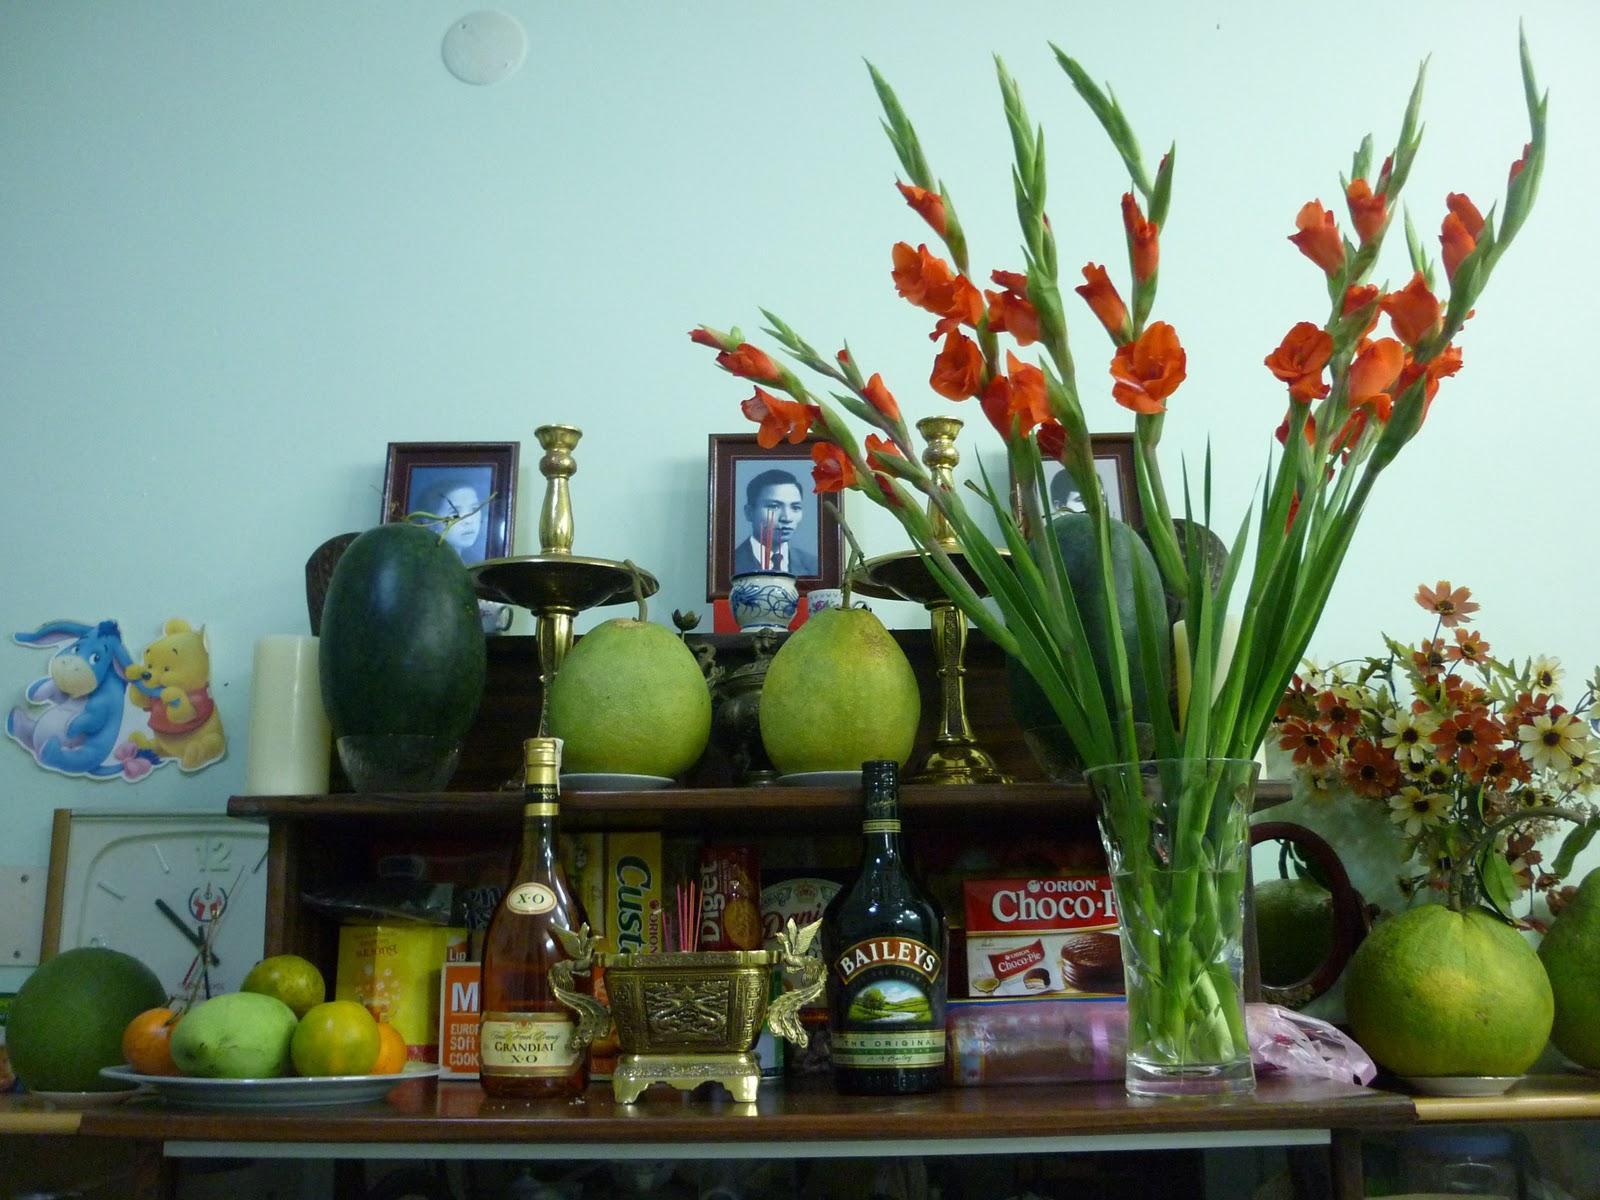 Hoa lay ơn thường được dùng để cắm hoa bàn thờ ngày Tết